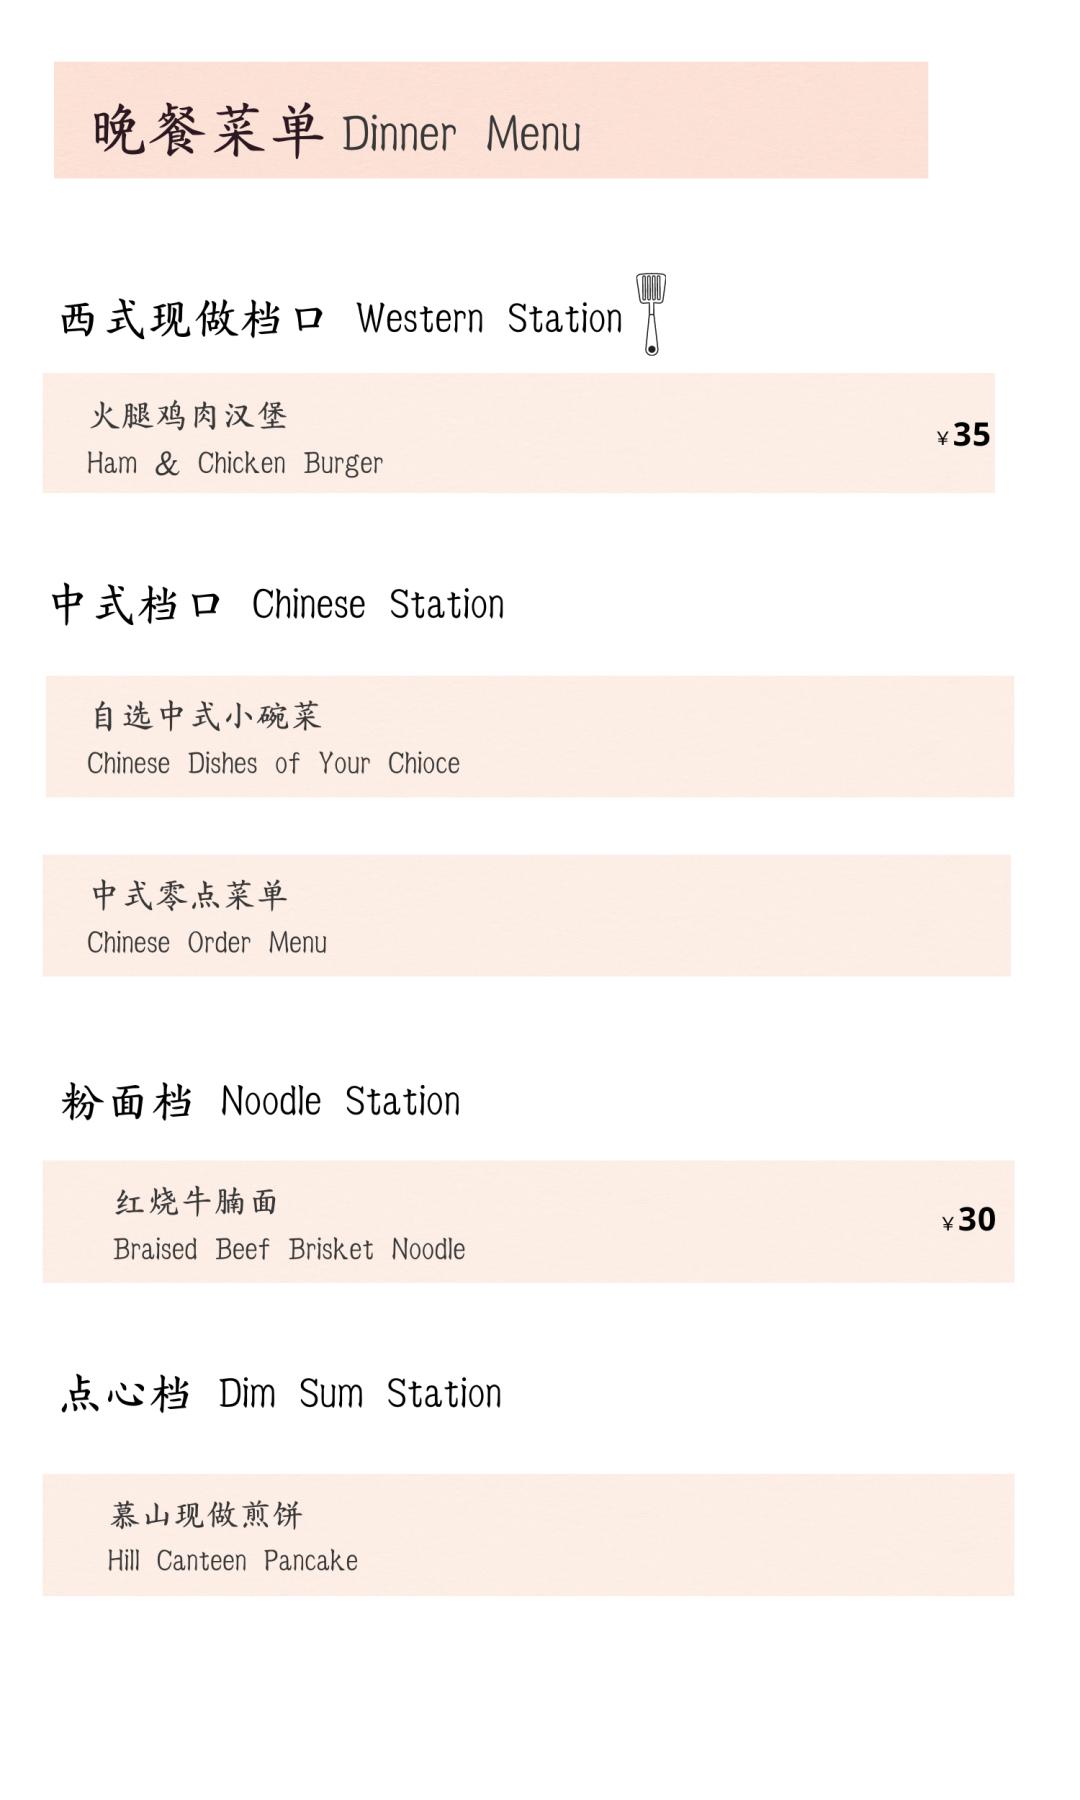 深国交的师生在冬天不出门便可以品尝到经典的节日美食啦  深国交 深圳国际交流学院 学在国交 第13张